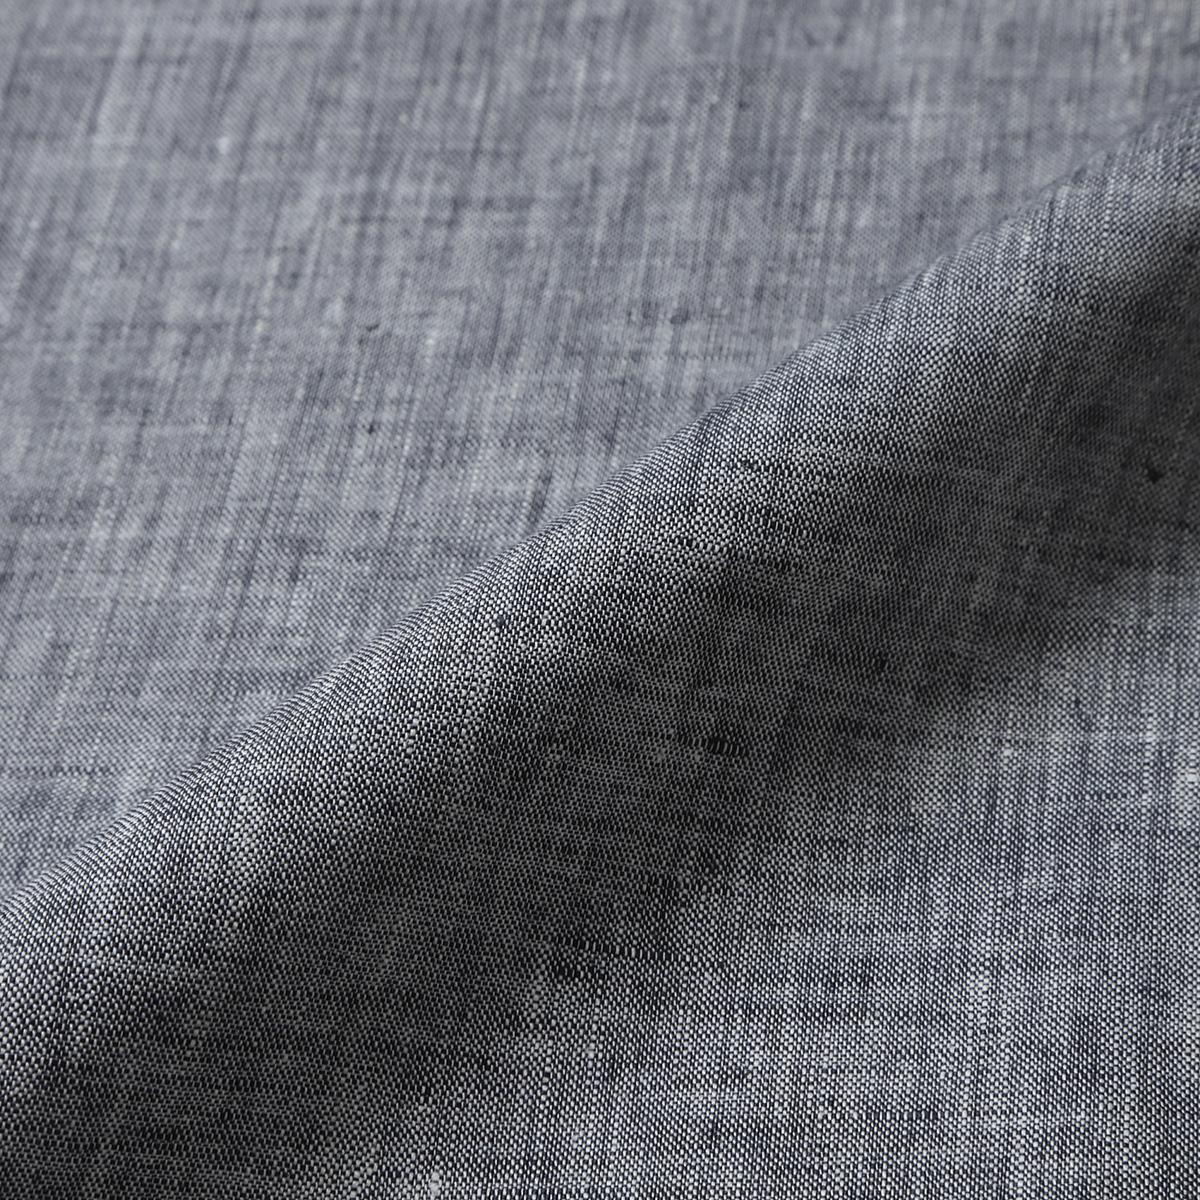 150cm幅 リネン100%生地 ブラック×ホワイト シャンブレー 薄地 1m単位 R0020-207